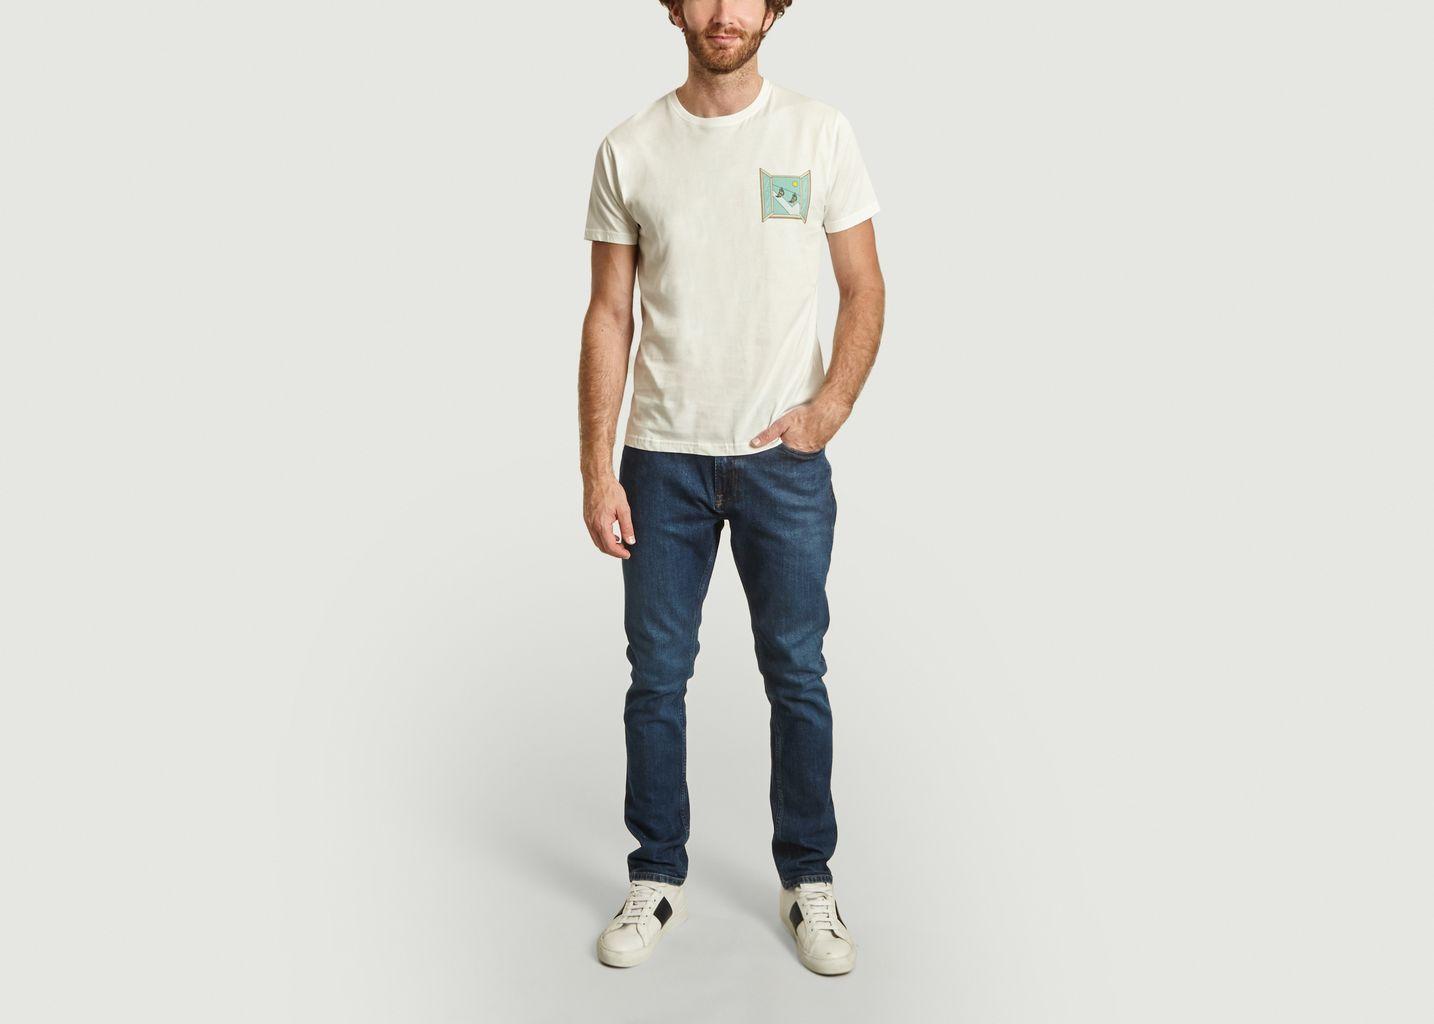 T-shirt Télésiège - Olow